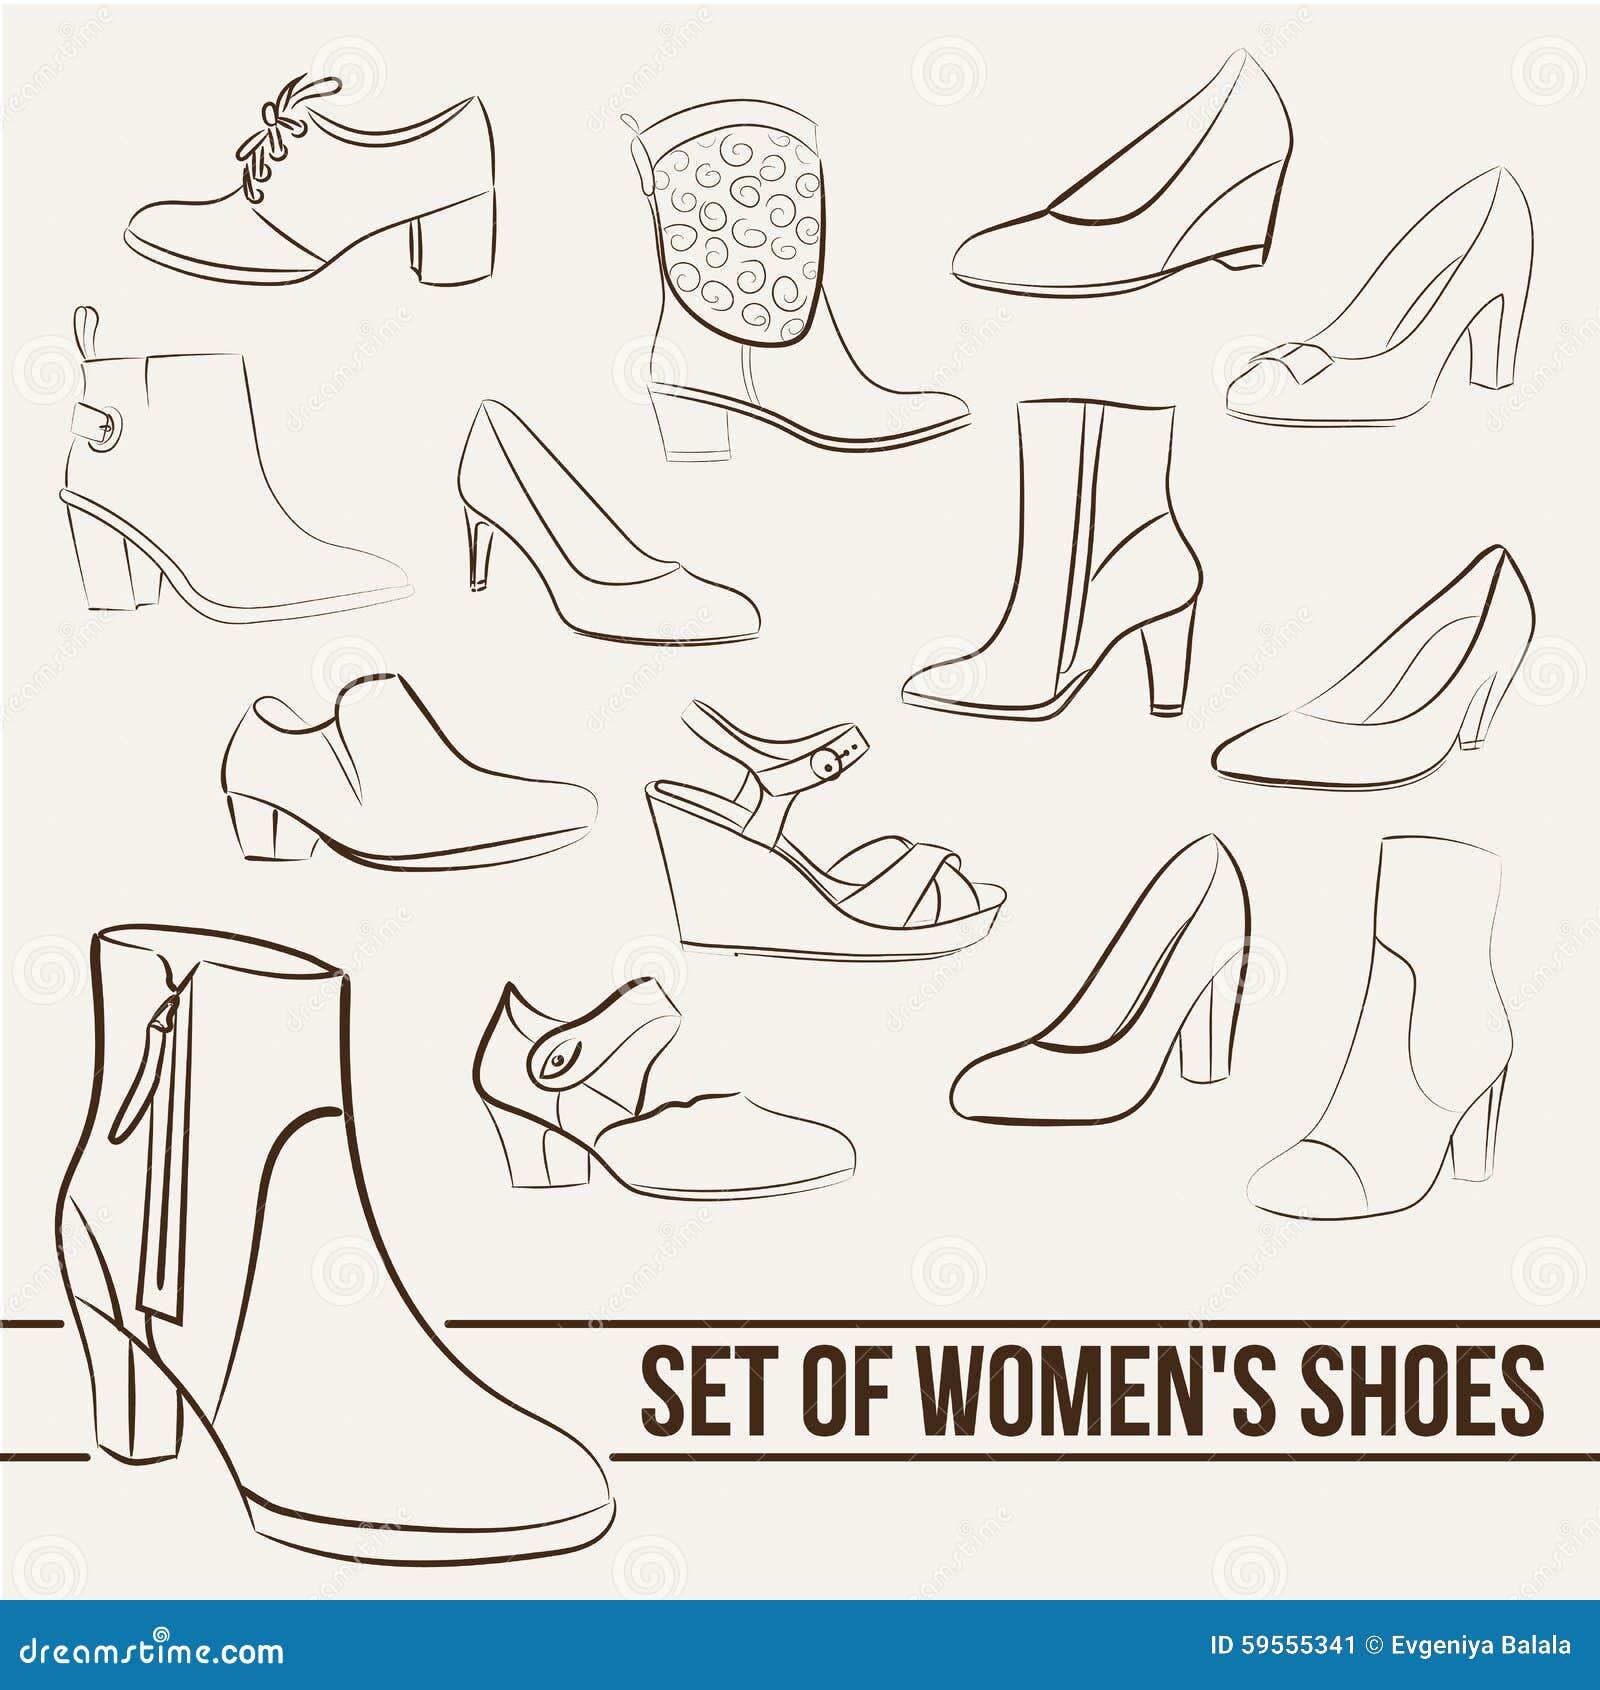 In Ein Linien Sie FrauenGemalte Schuhe Stellen Der rxBWCodeQ